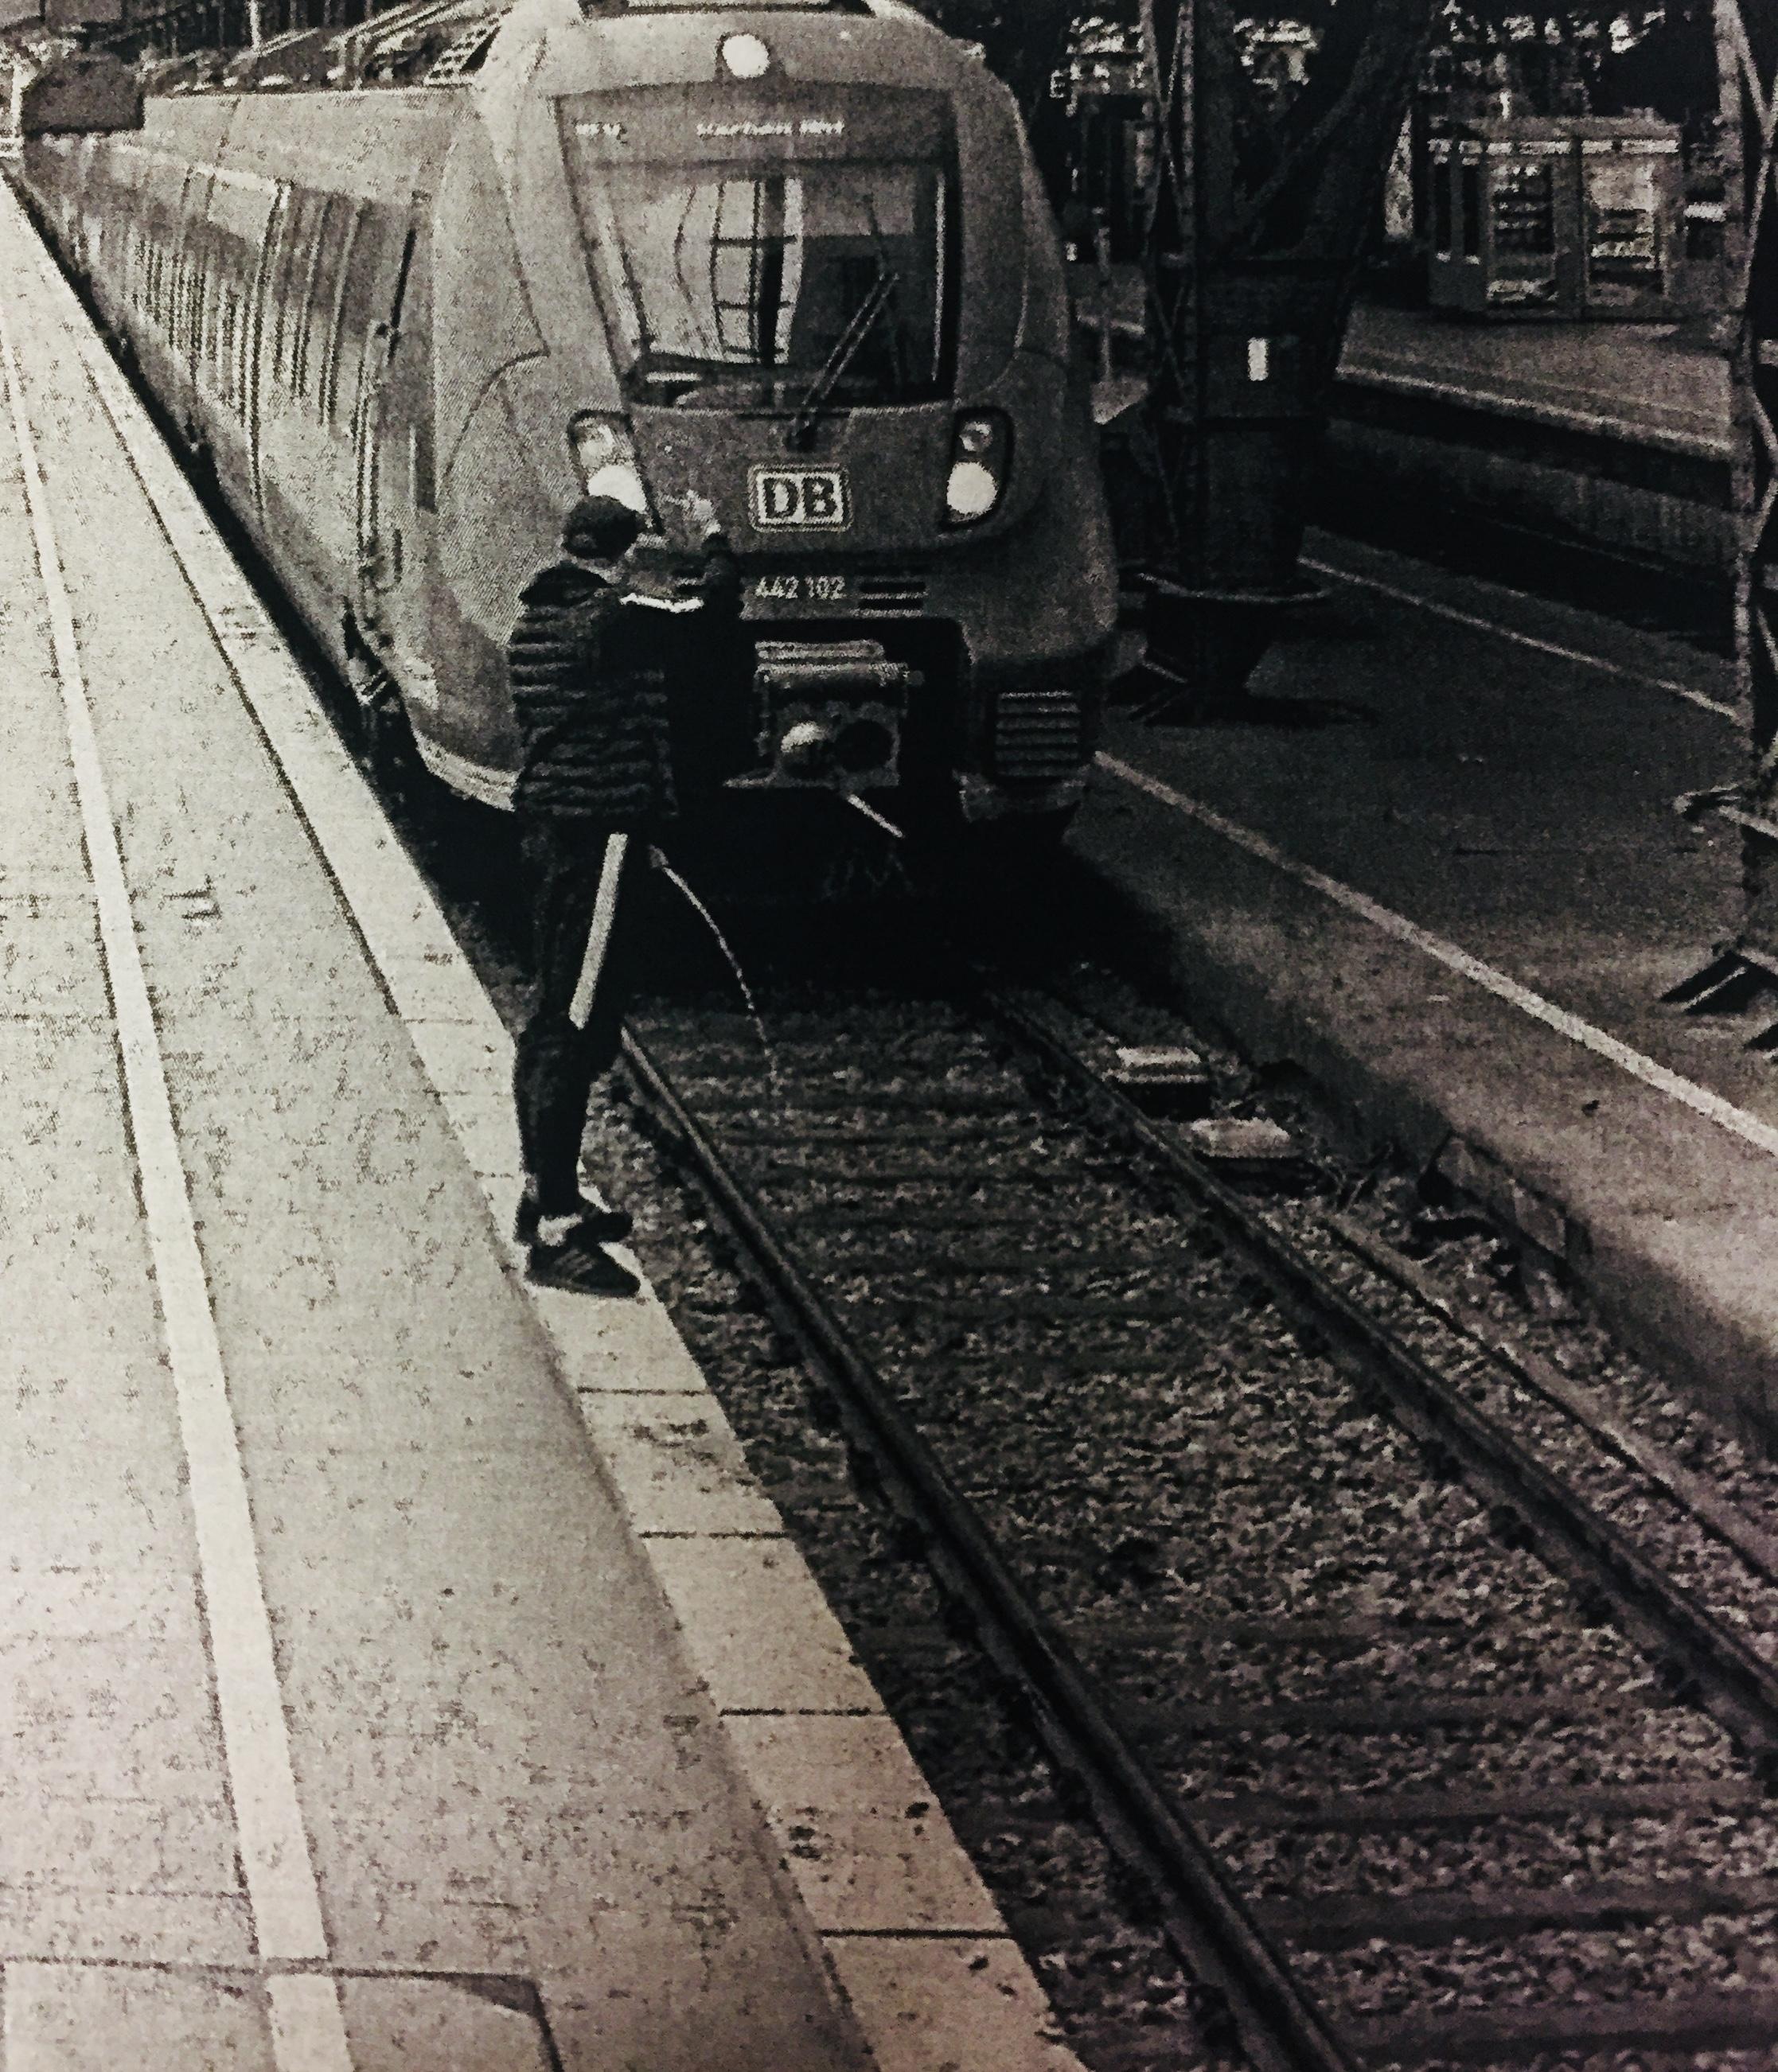 Mann uriniert vor einfahrende Bahn und zeigt Mittelfinger